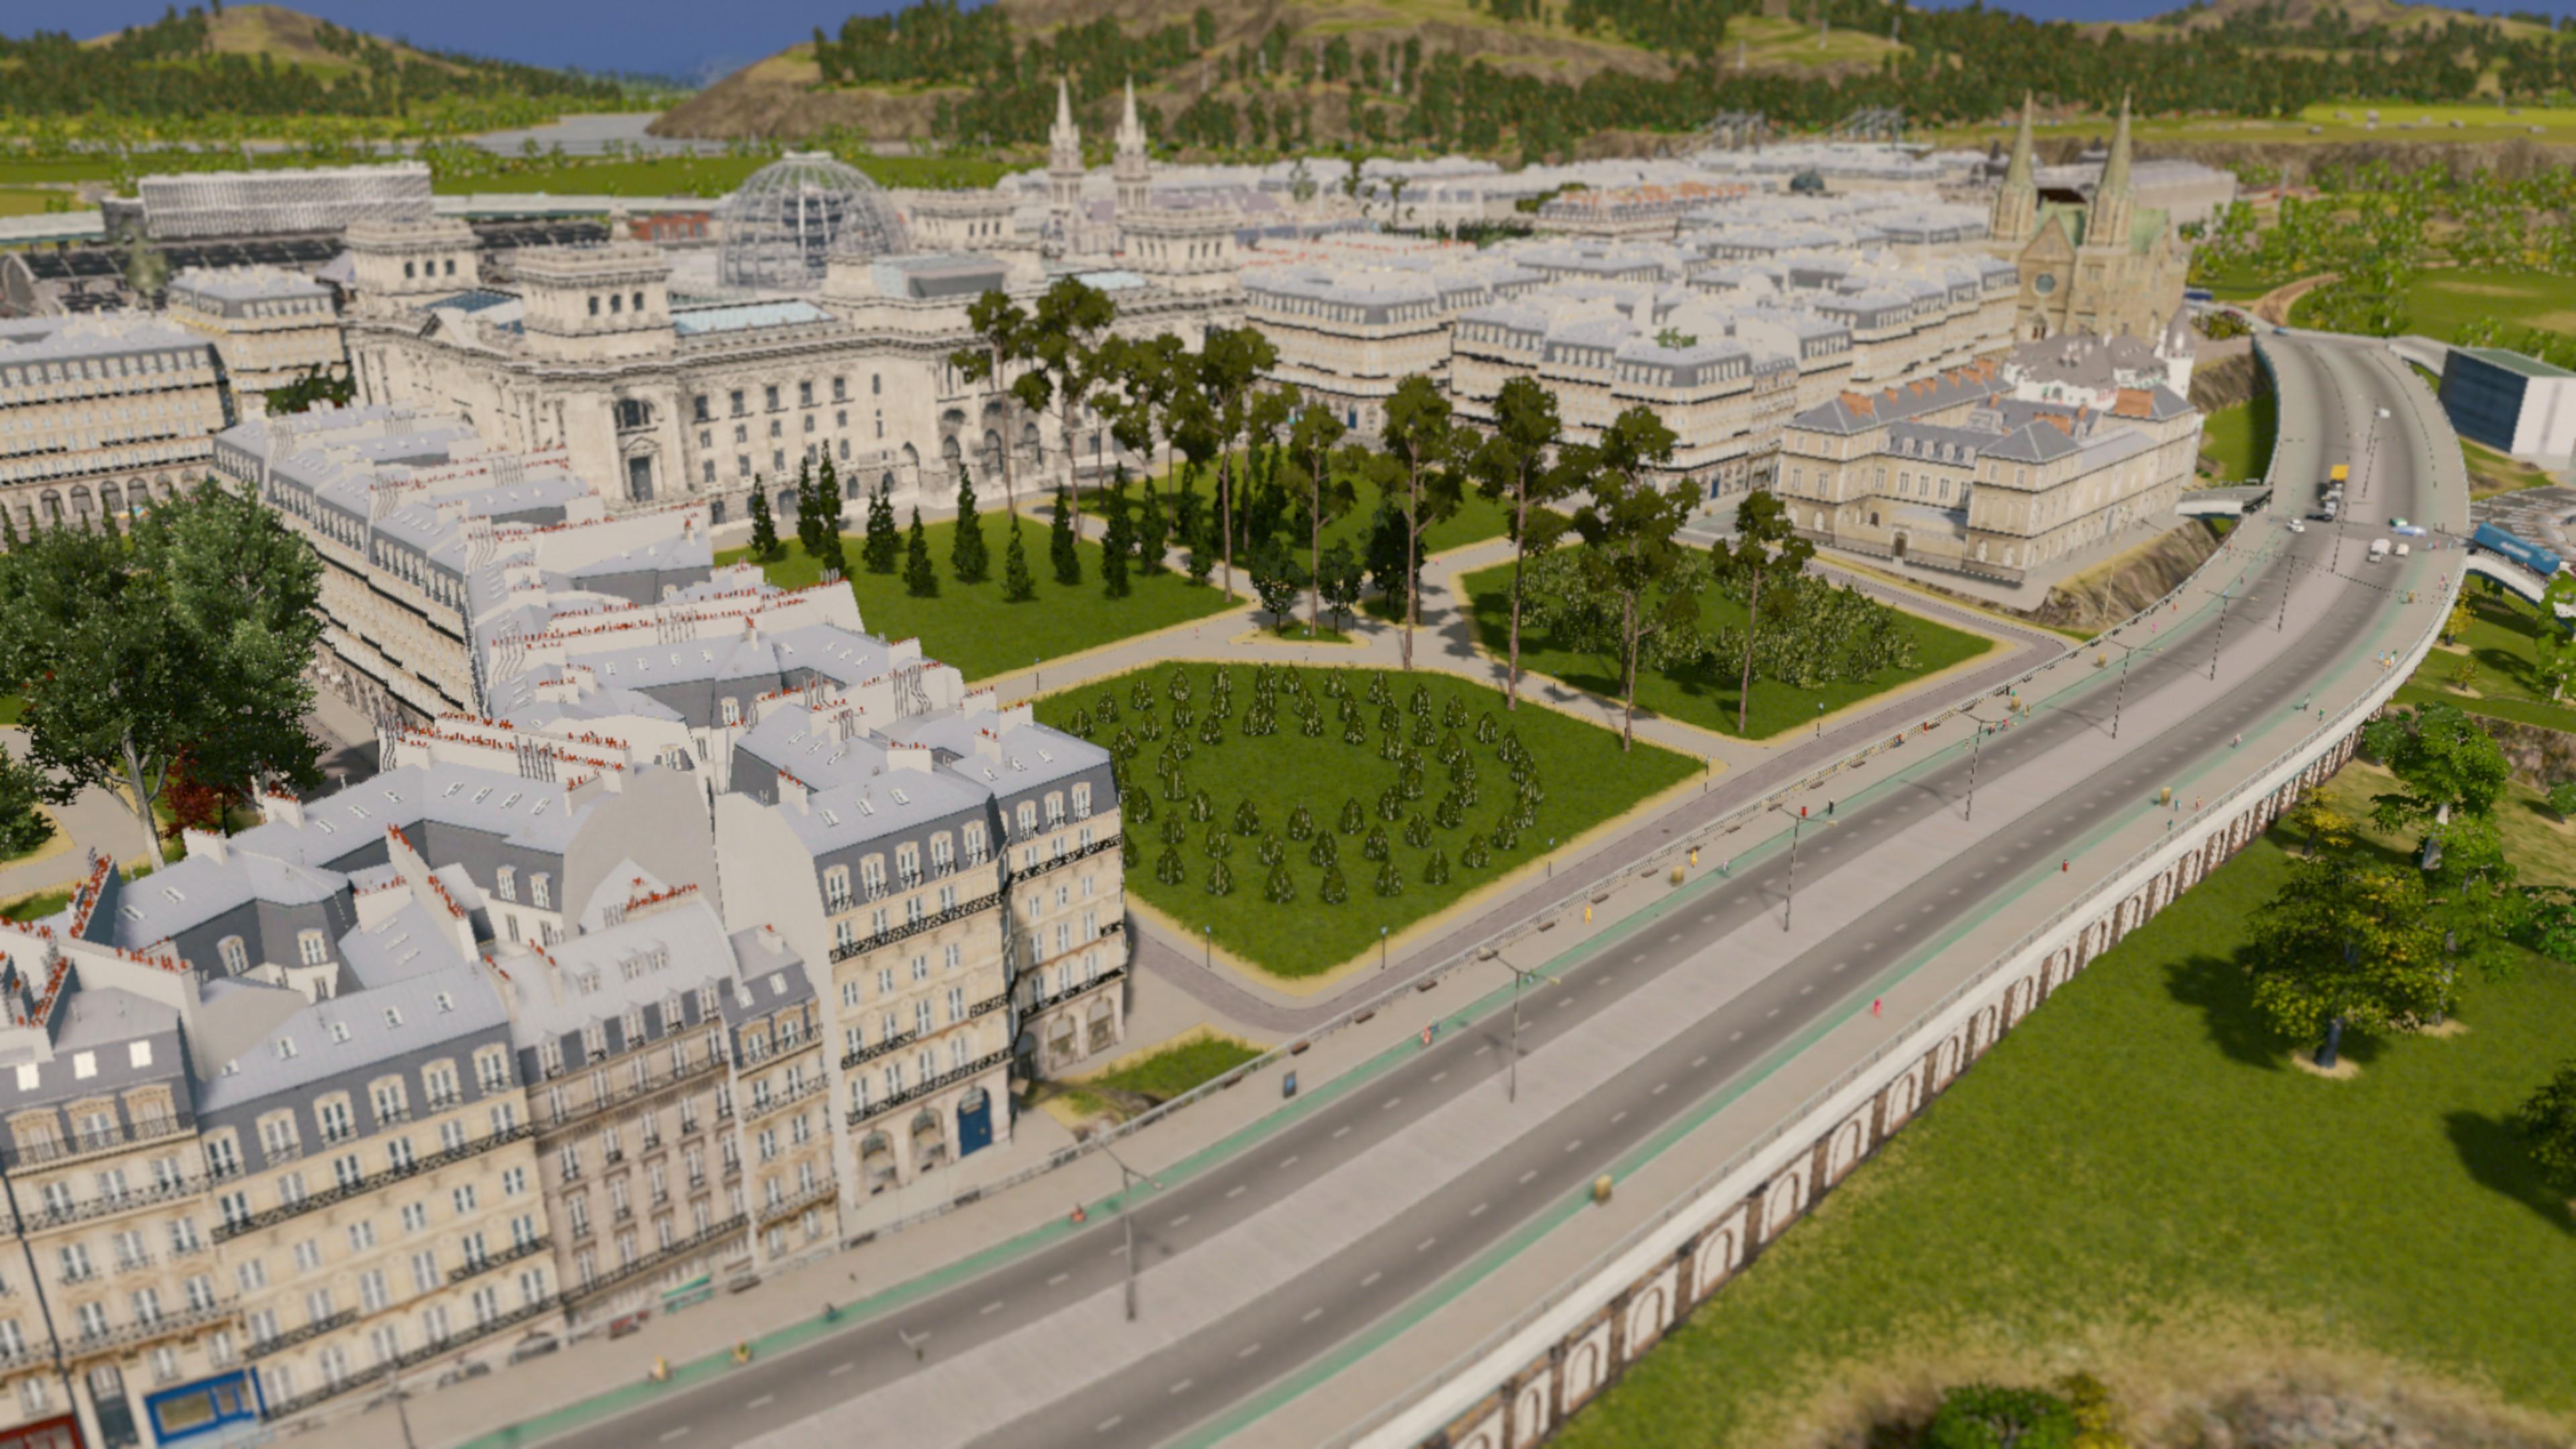 Labadie - Journal 3 d'une ville en construction - Page 2 A61F35ED4FD44F0563491D3BA0E55485EC4CDC8D